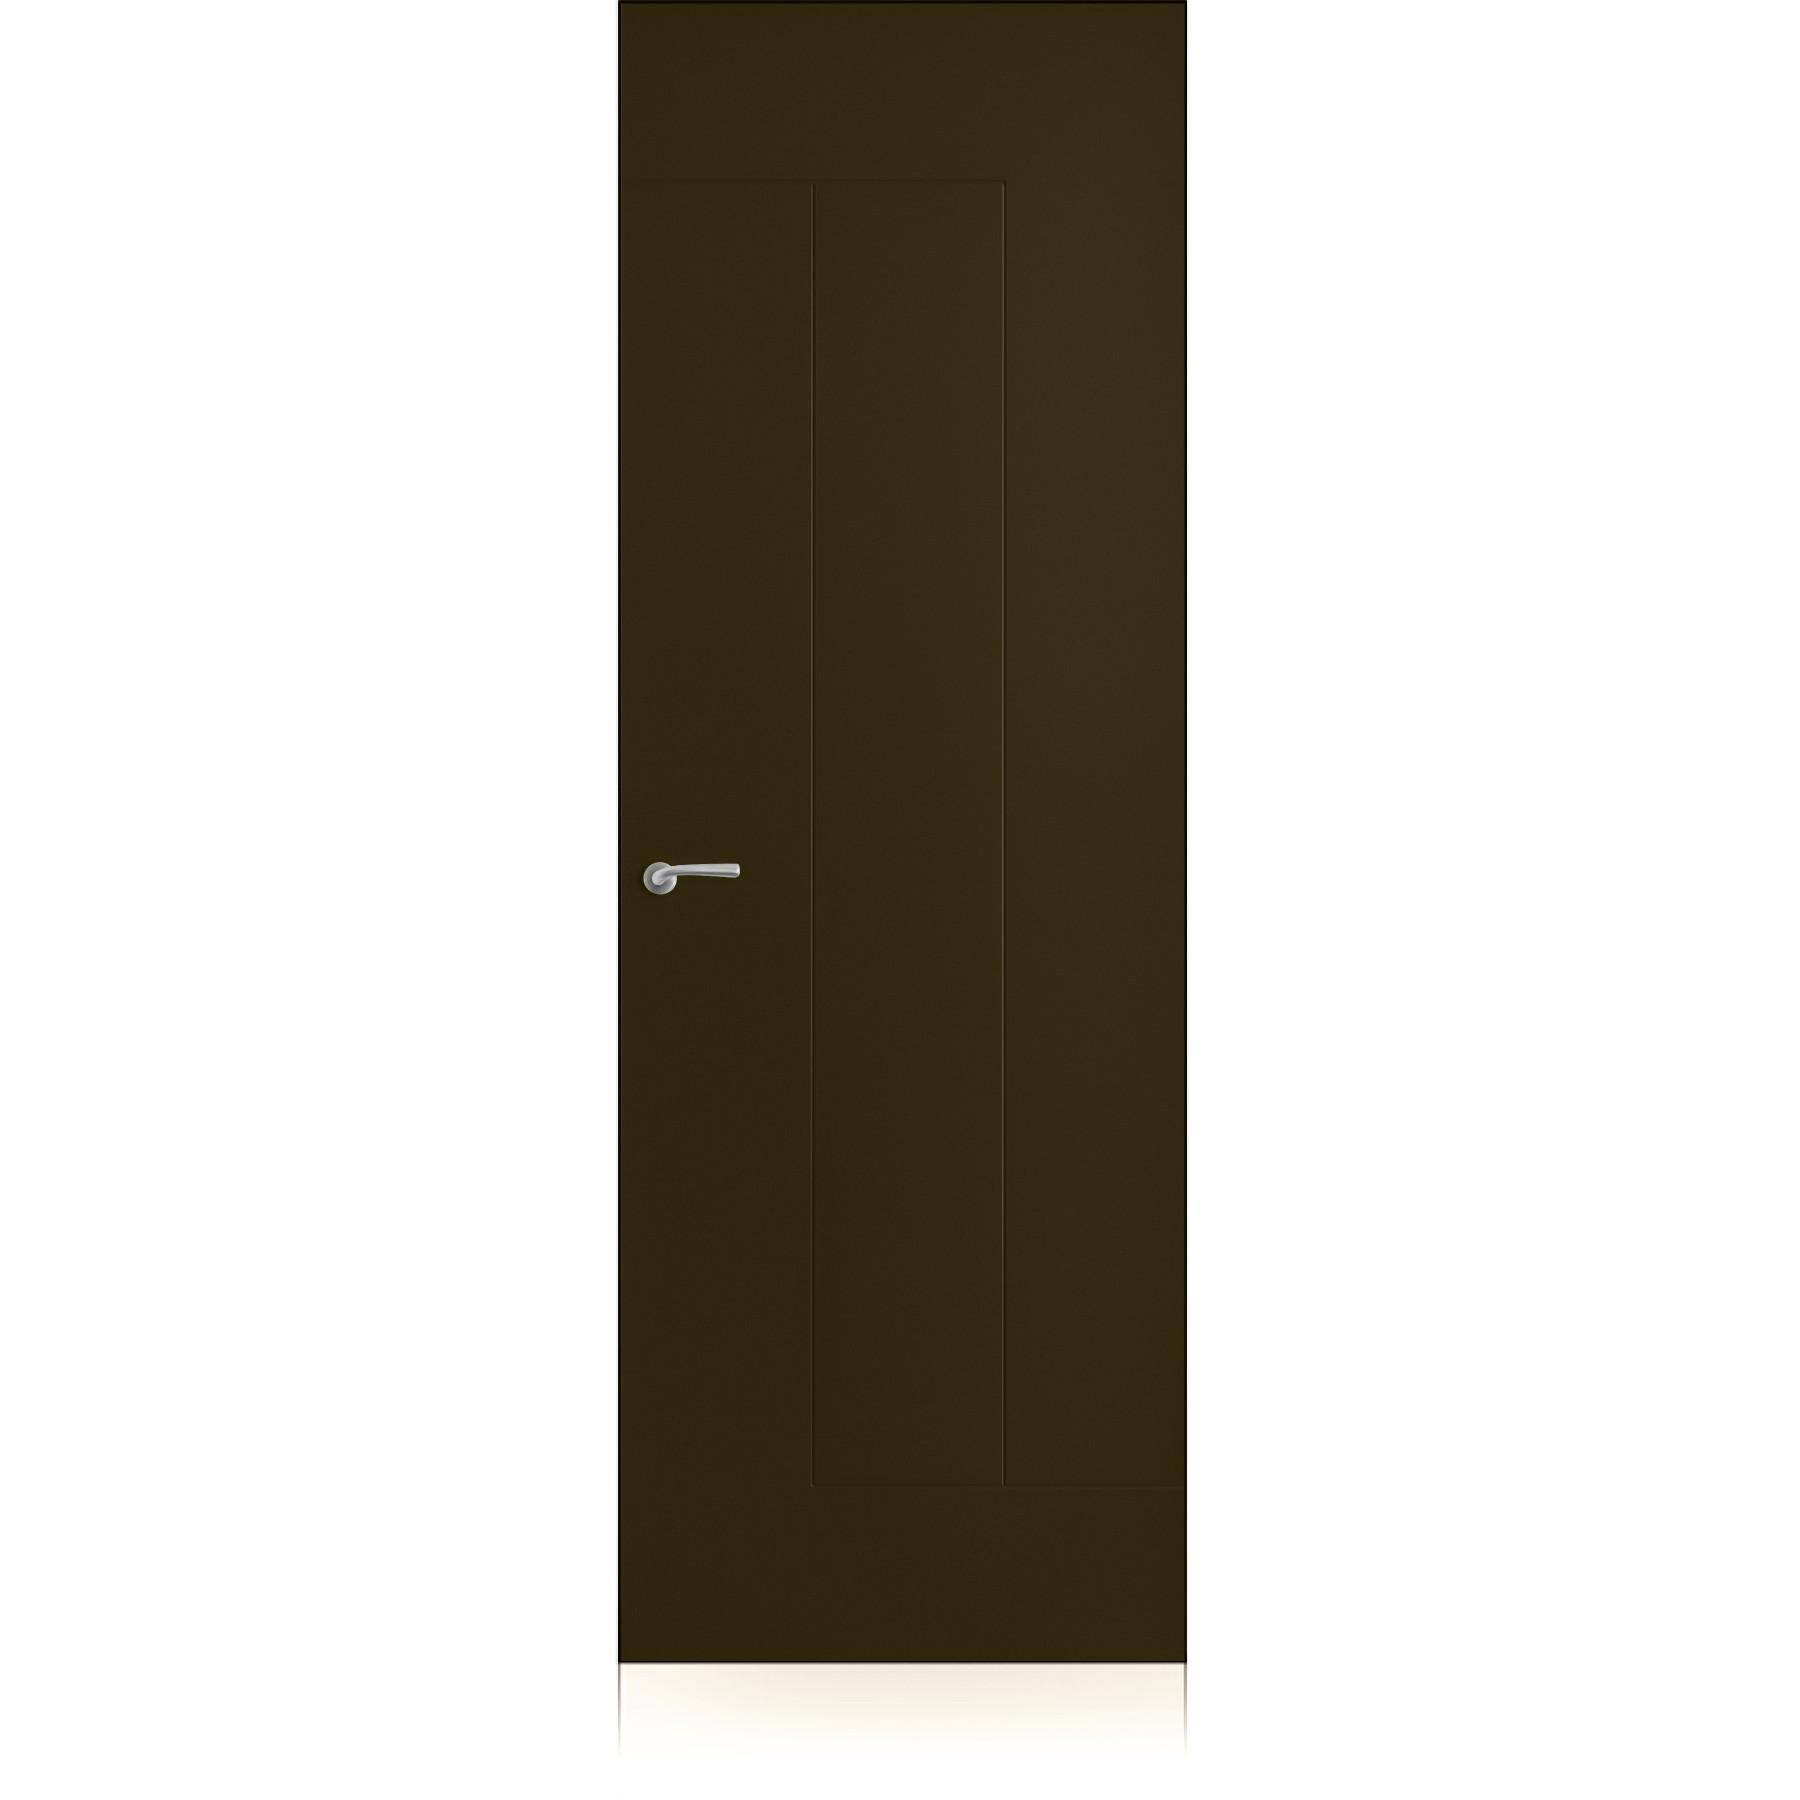 Porta Yncisa/8 Zero Oliva Dark Laccato ULTRAopaco